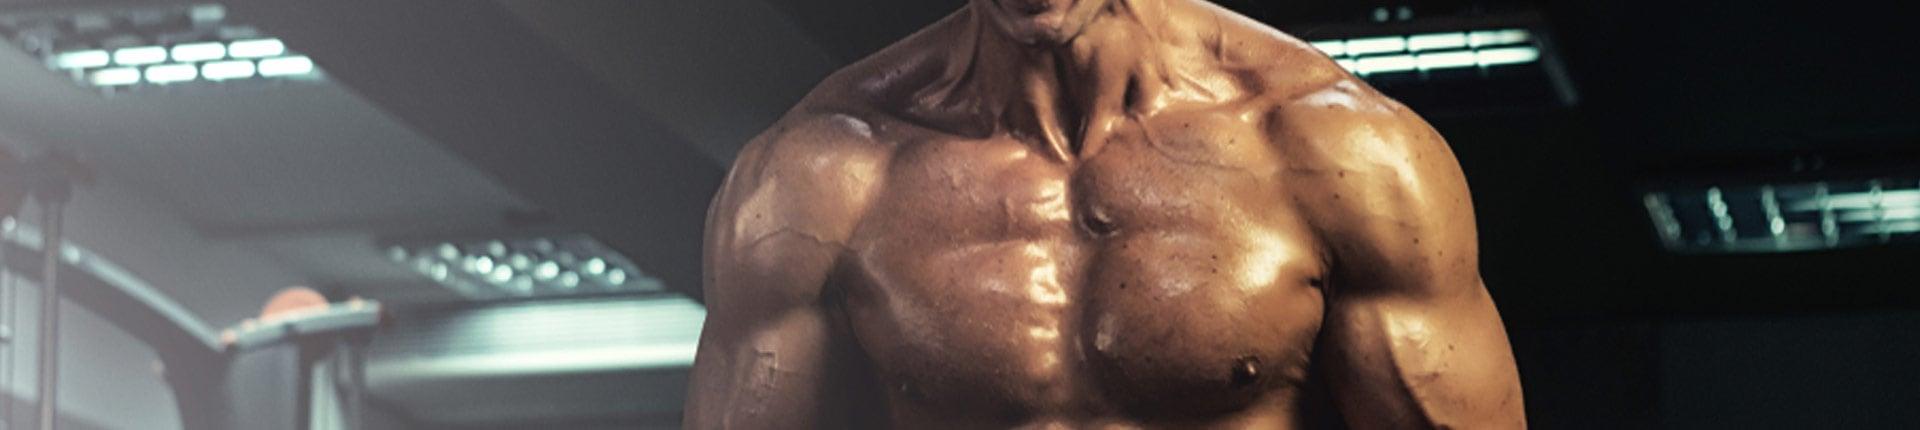 Pompa mięśniowa - jak trenować i jakie brać suplementy?